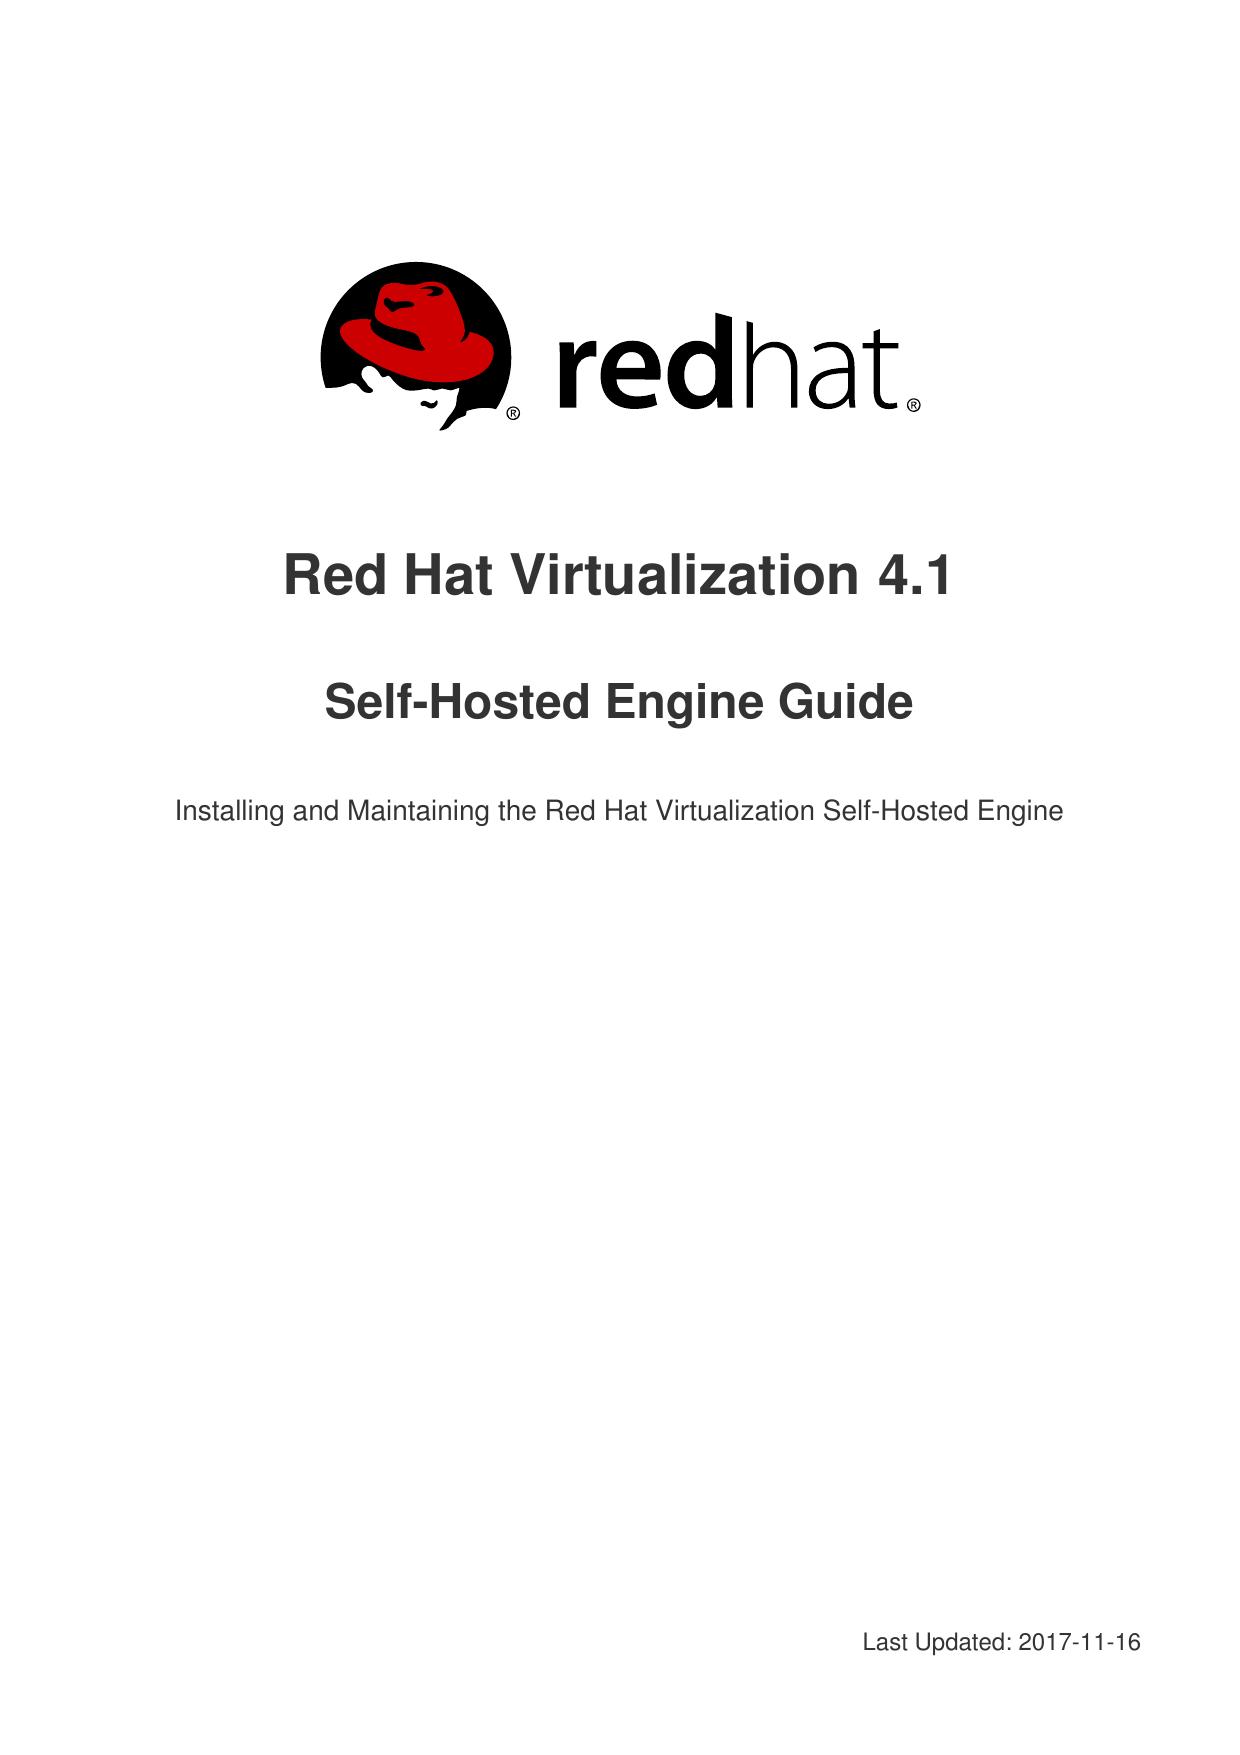 Self-Hosted Engine Guide | manualzz com